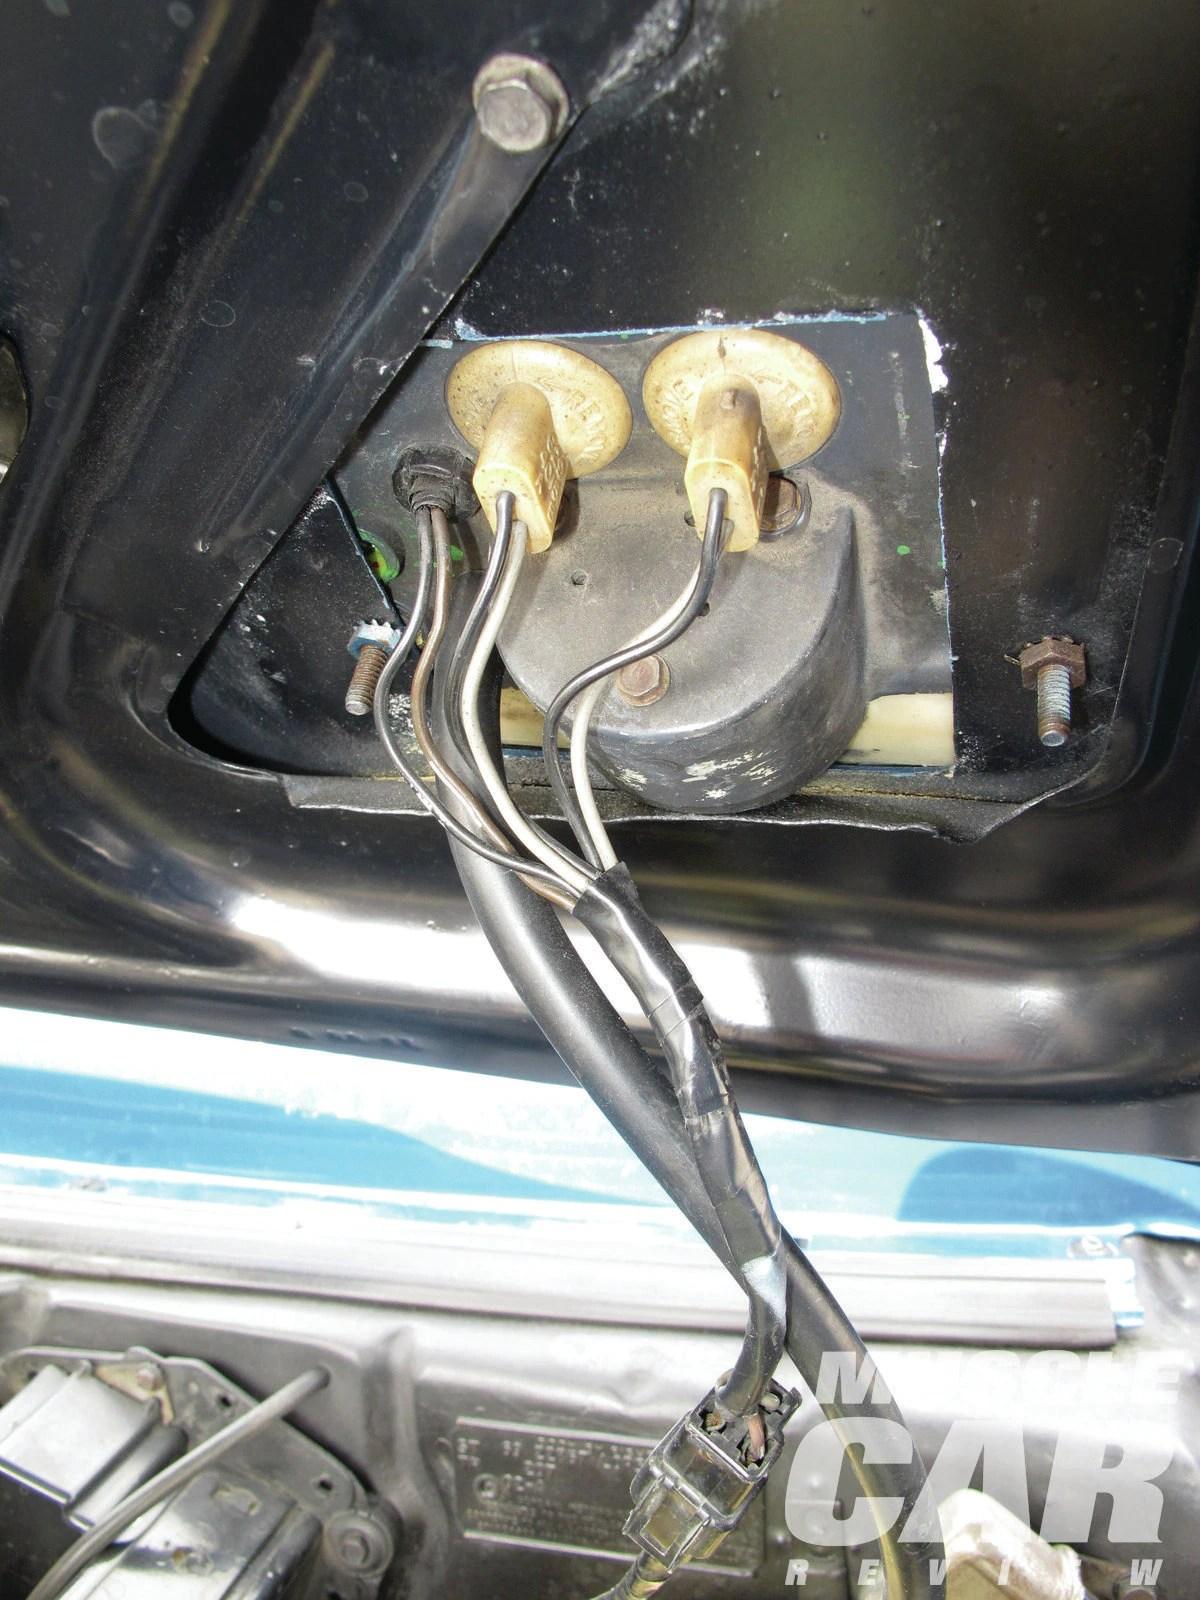 69 gto hood tach wiring diagram dragon tach wiring diagram wiring rh droghedarefurbishments com